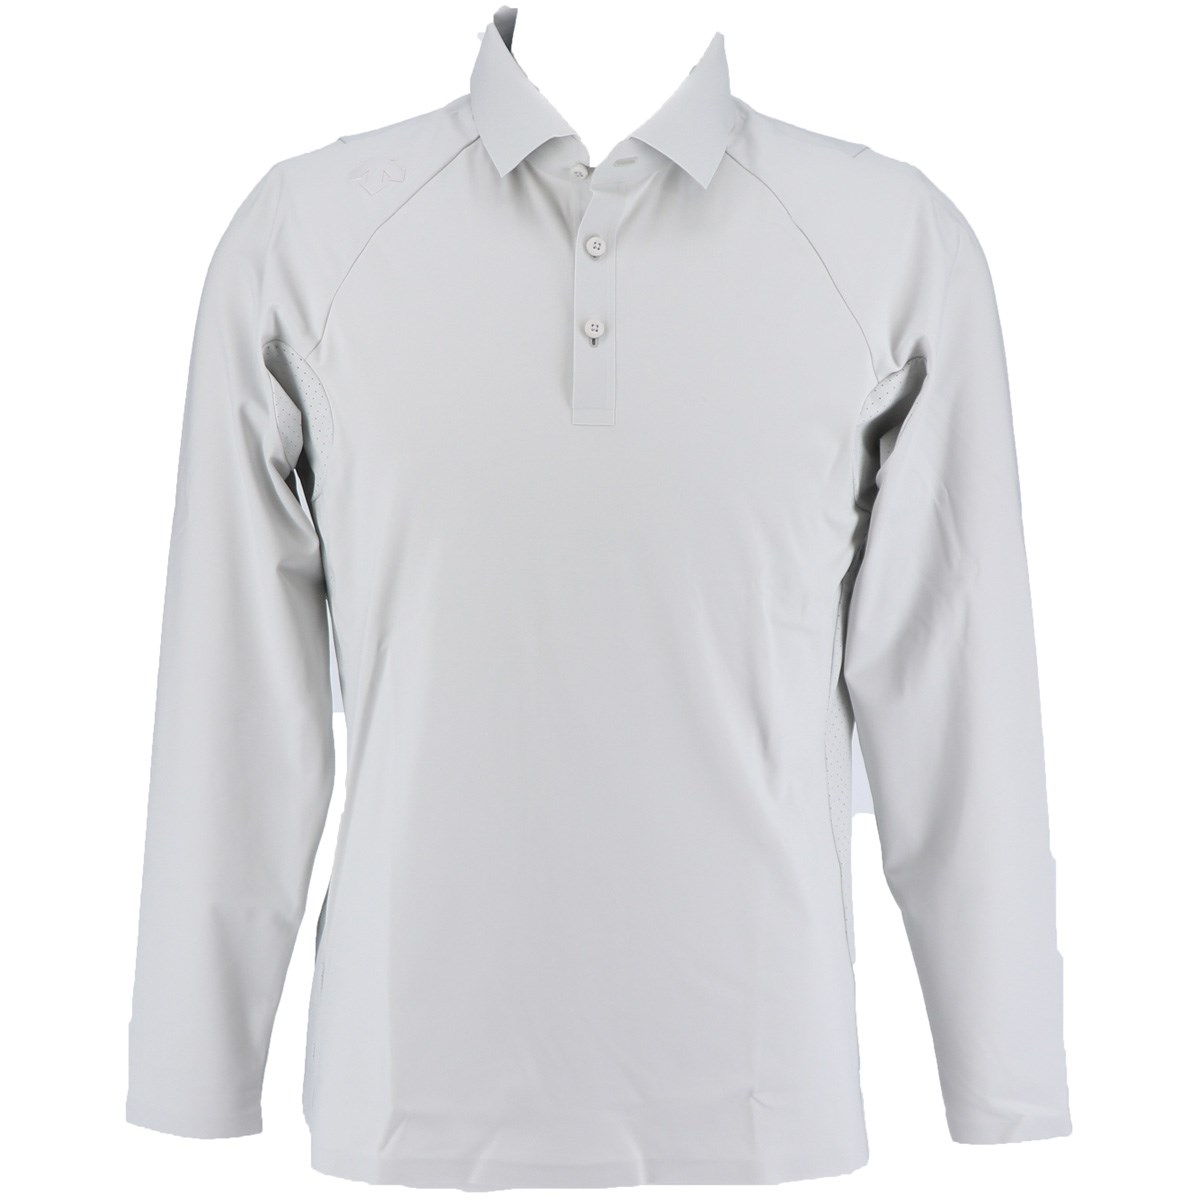 デサントゴルフ(DESCENTE GOLF) 長袖ポロシャツ